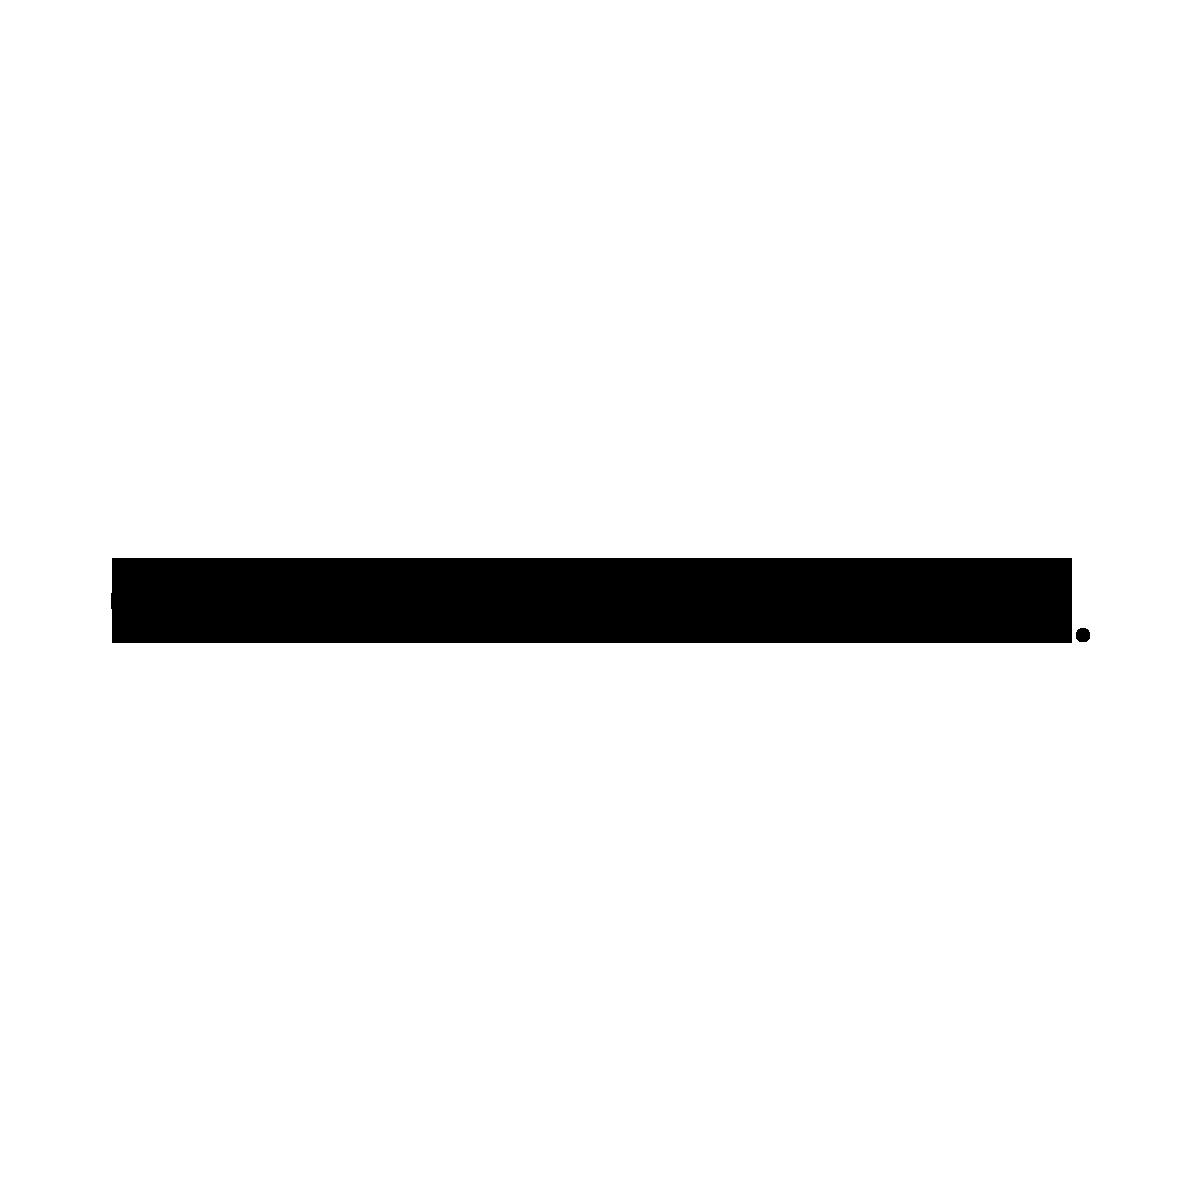 fred de la bretoniere grijze enkellaars 183010009 in westernstijl met luxe hak detail hak